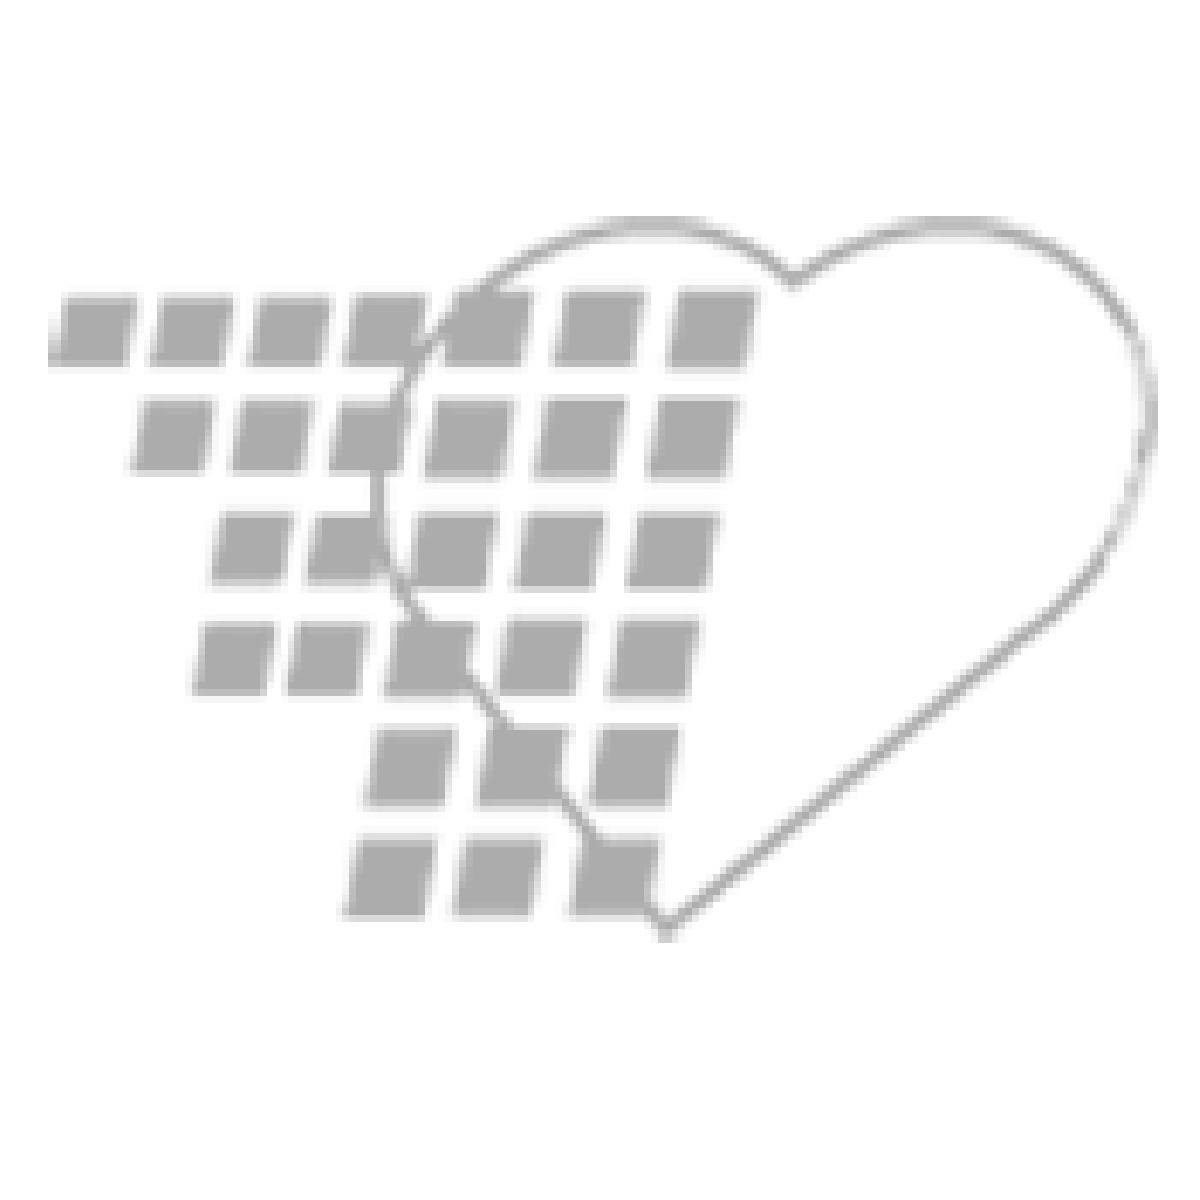 06-82-6700 Oral Syringe - 5 mL and Dosage Korc®